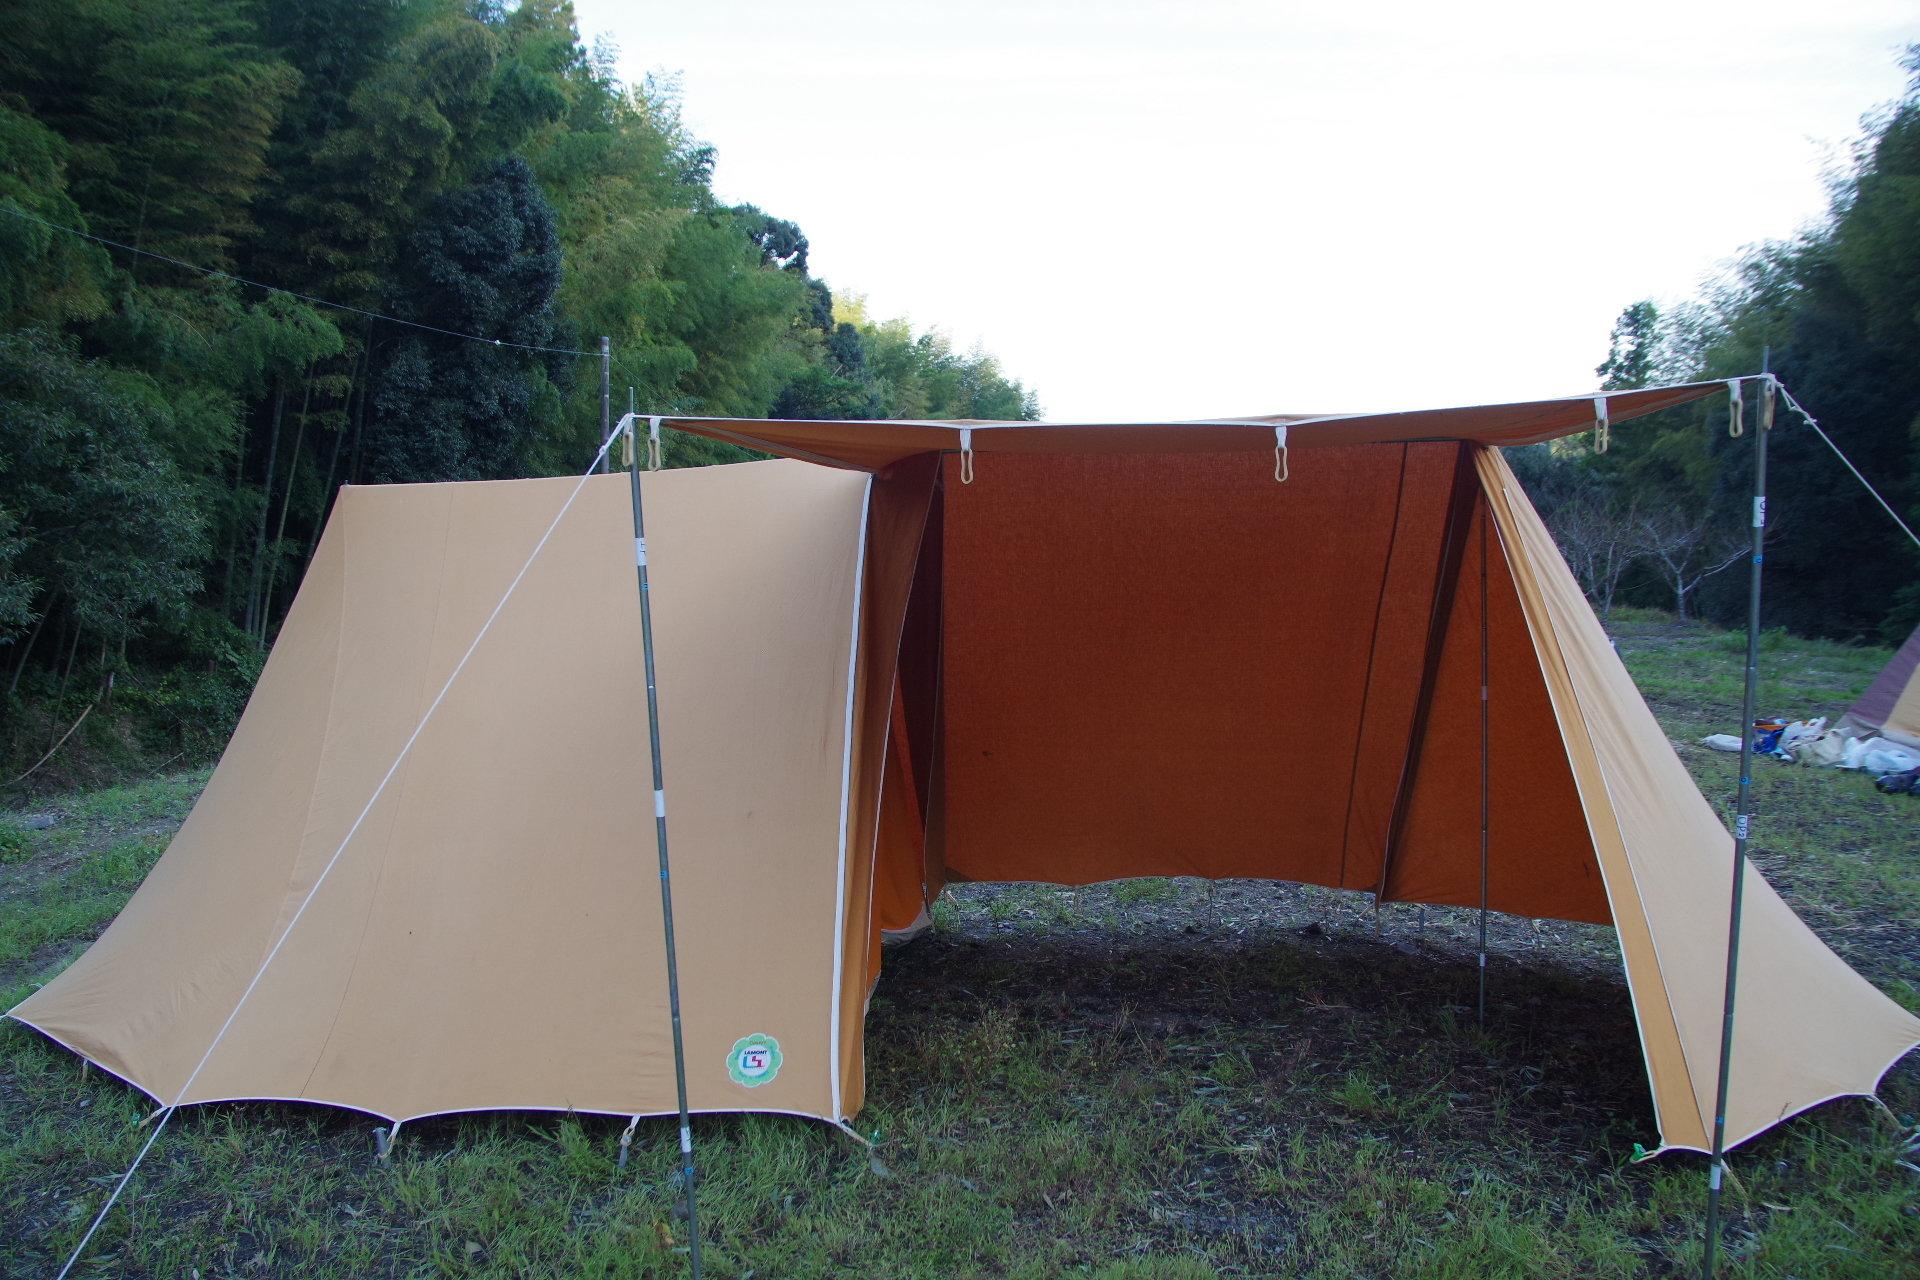 ラモン 大型スクータリスト ヴィンテージ幕 フレームテント バタースコッチ LAMONT 00045